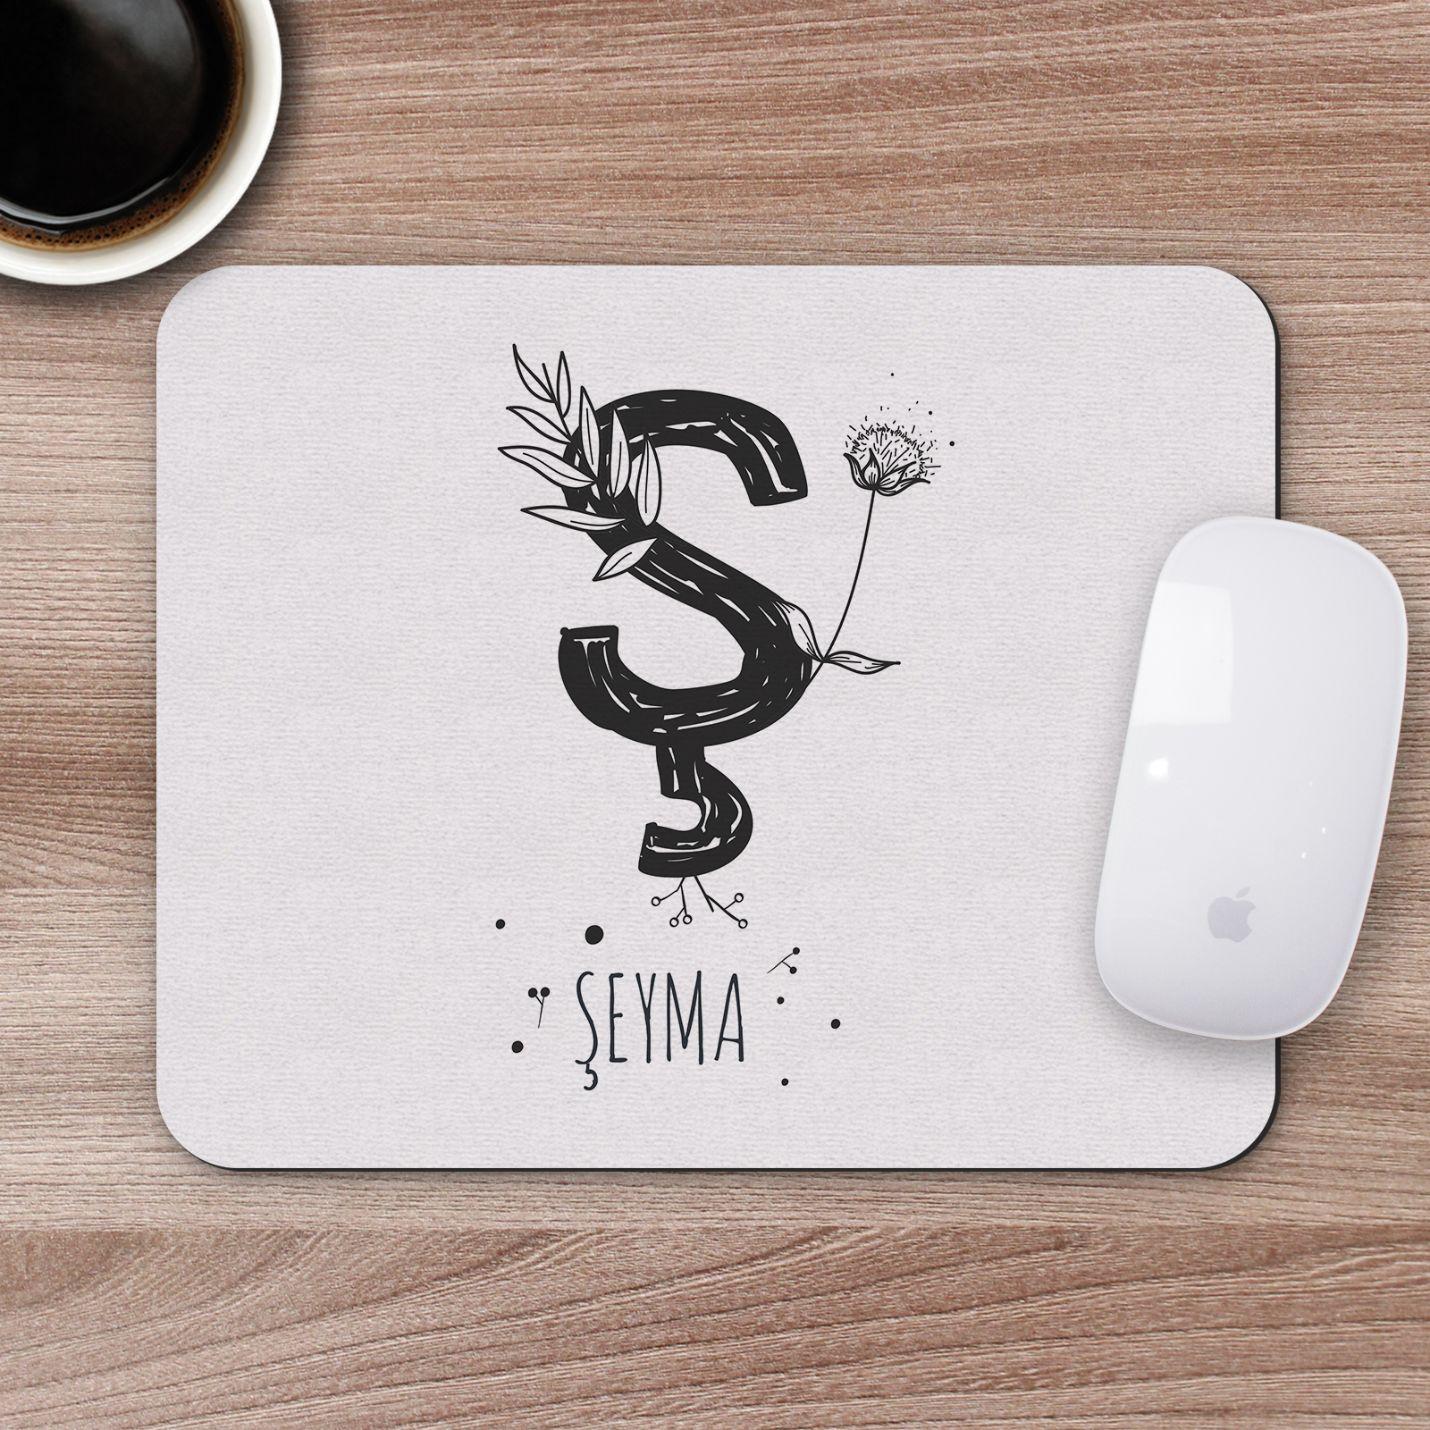 Kişiye Özel İsim Yazılı Mousepad - M22